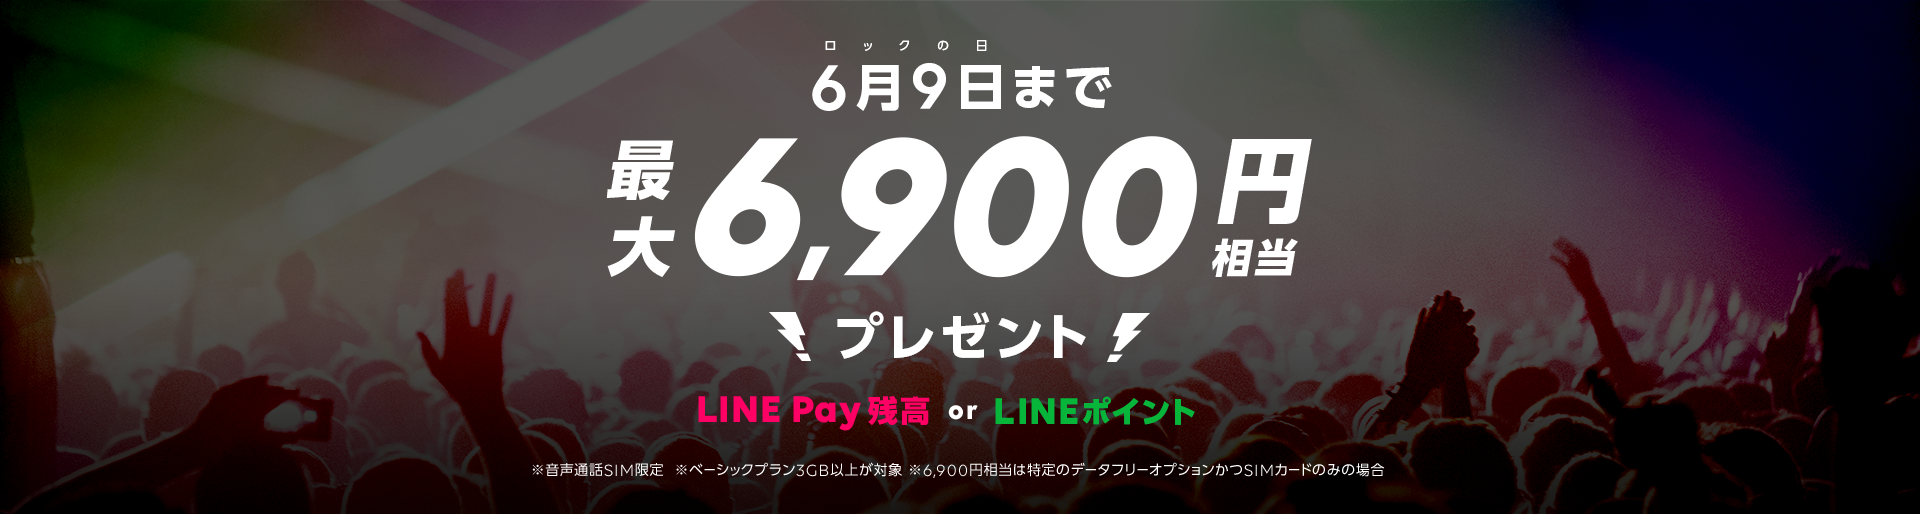 格安スマホならLINEモバイル ウェブ申込時キャンペーンコード入力でGET LINE Pay残高 最大6,900円相当 orLINEポイント最大P6,900